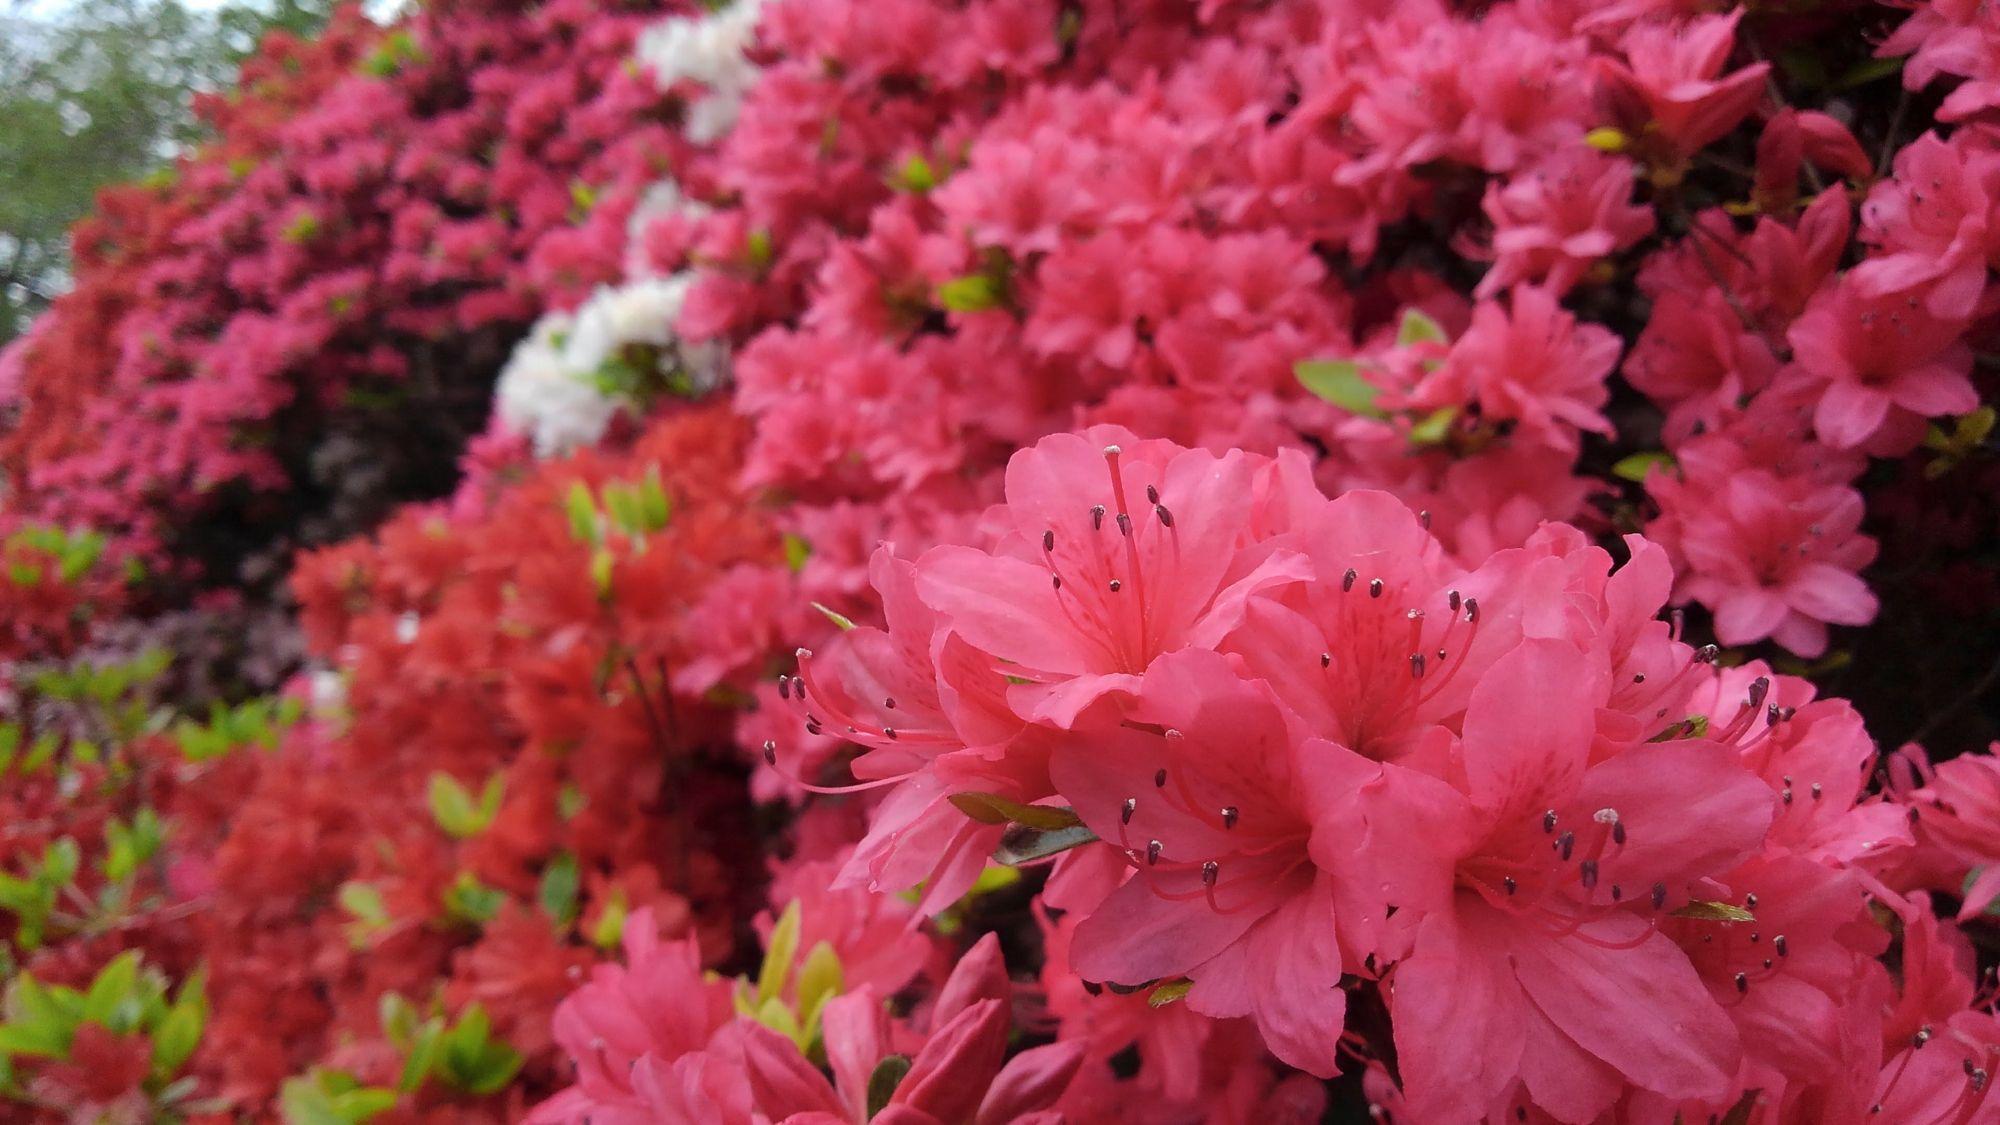 葉山町町役場花の木公園